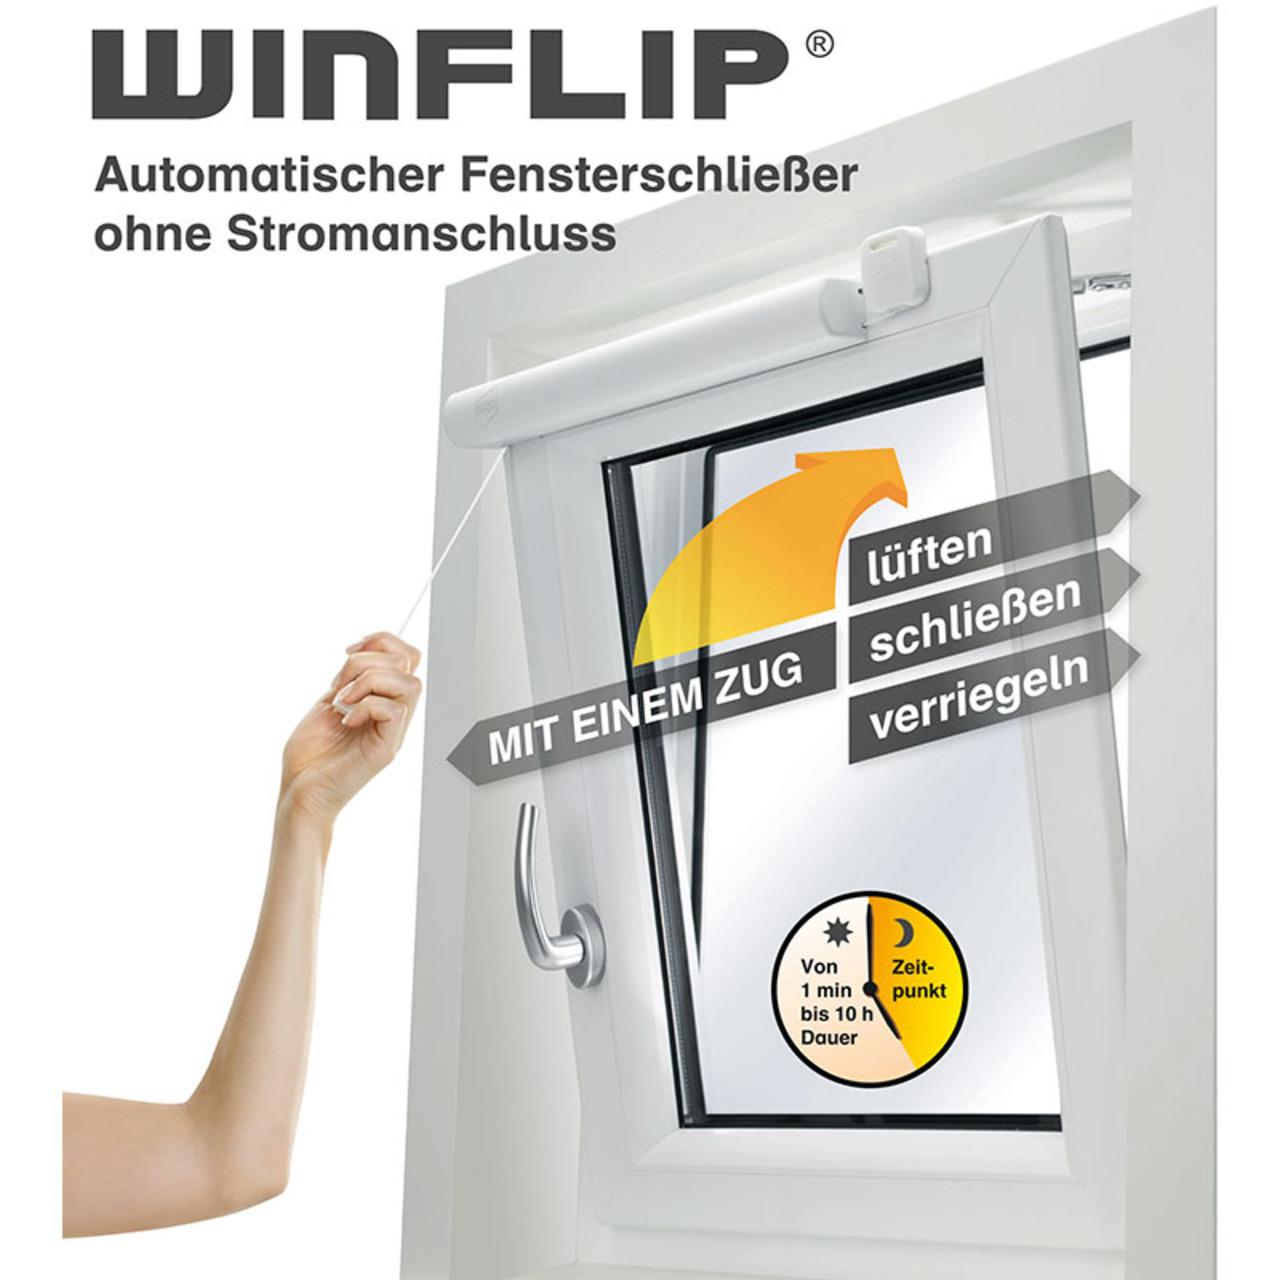 Winflip Digital - Automatischer Fensterschliesser